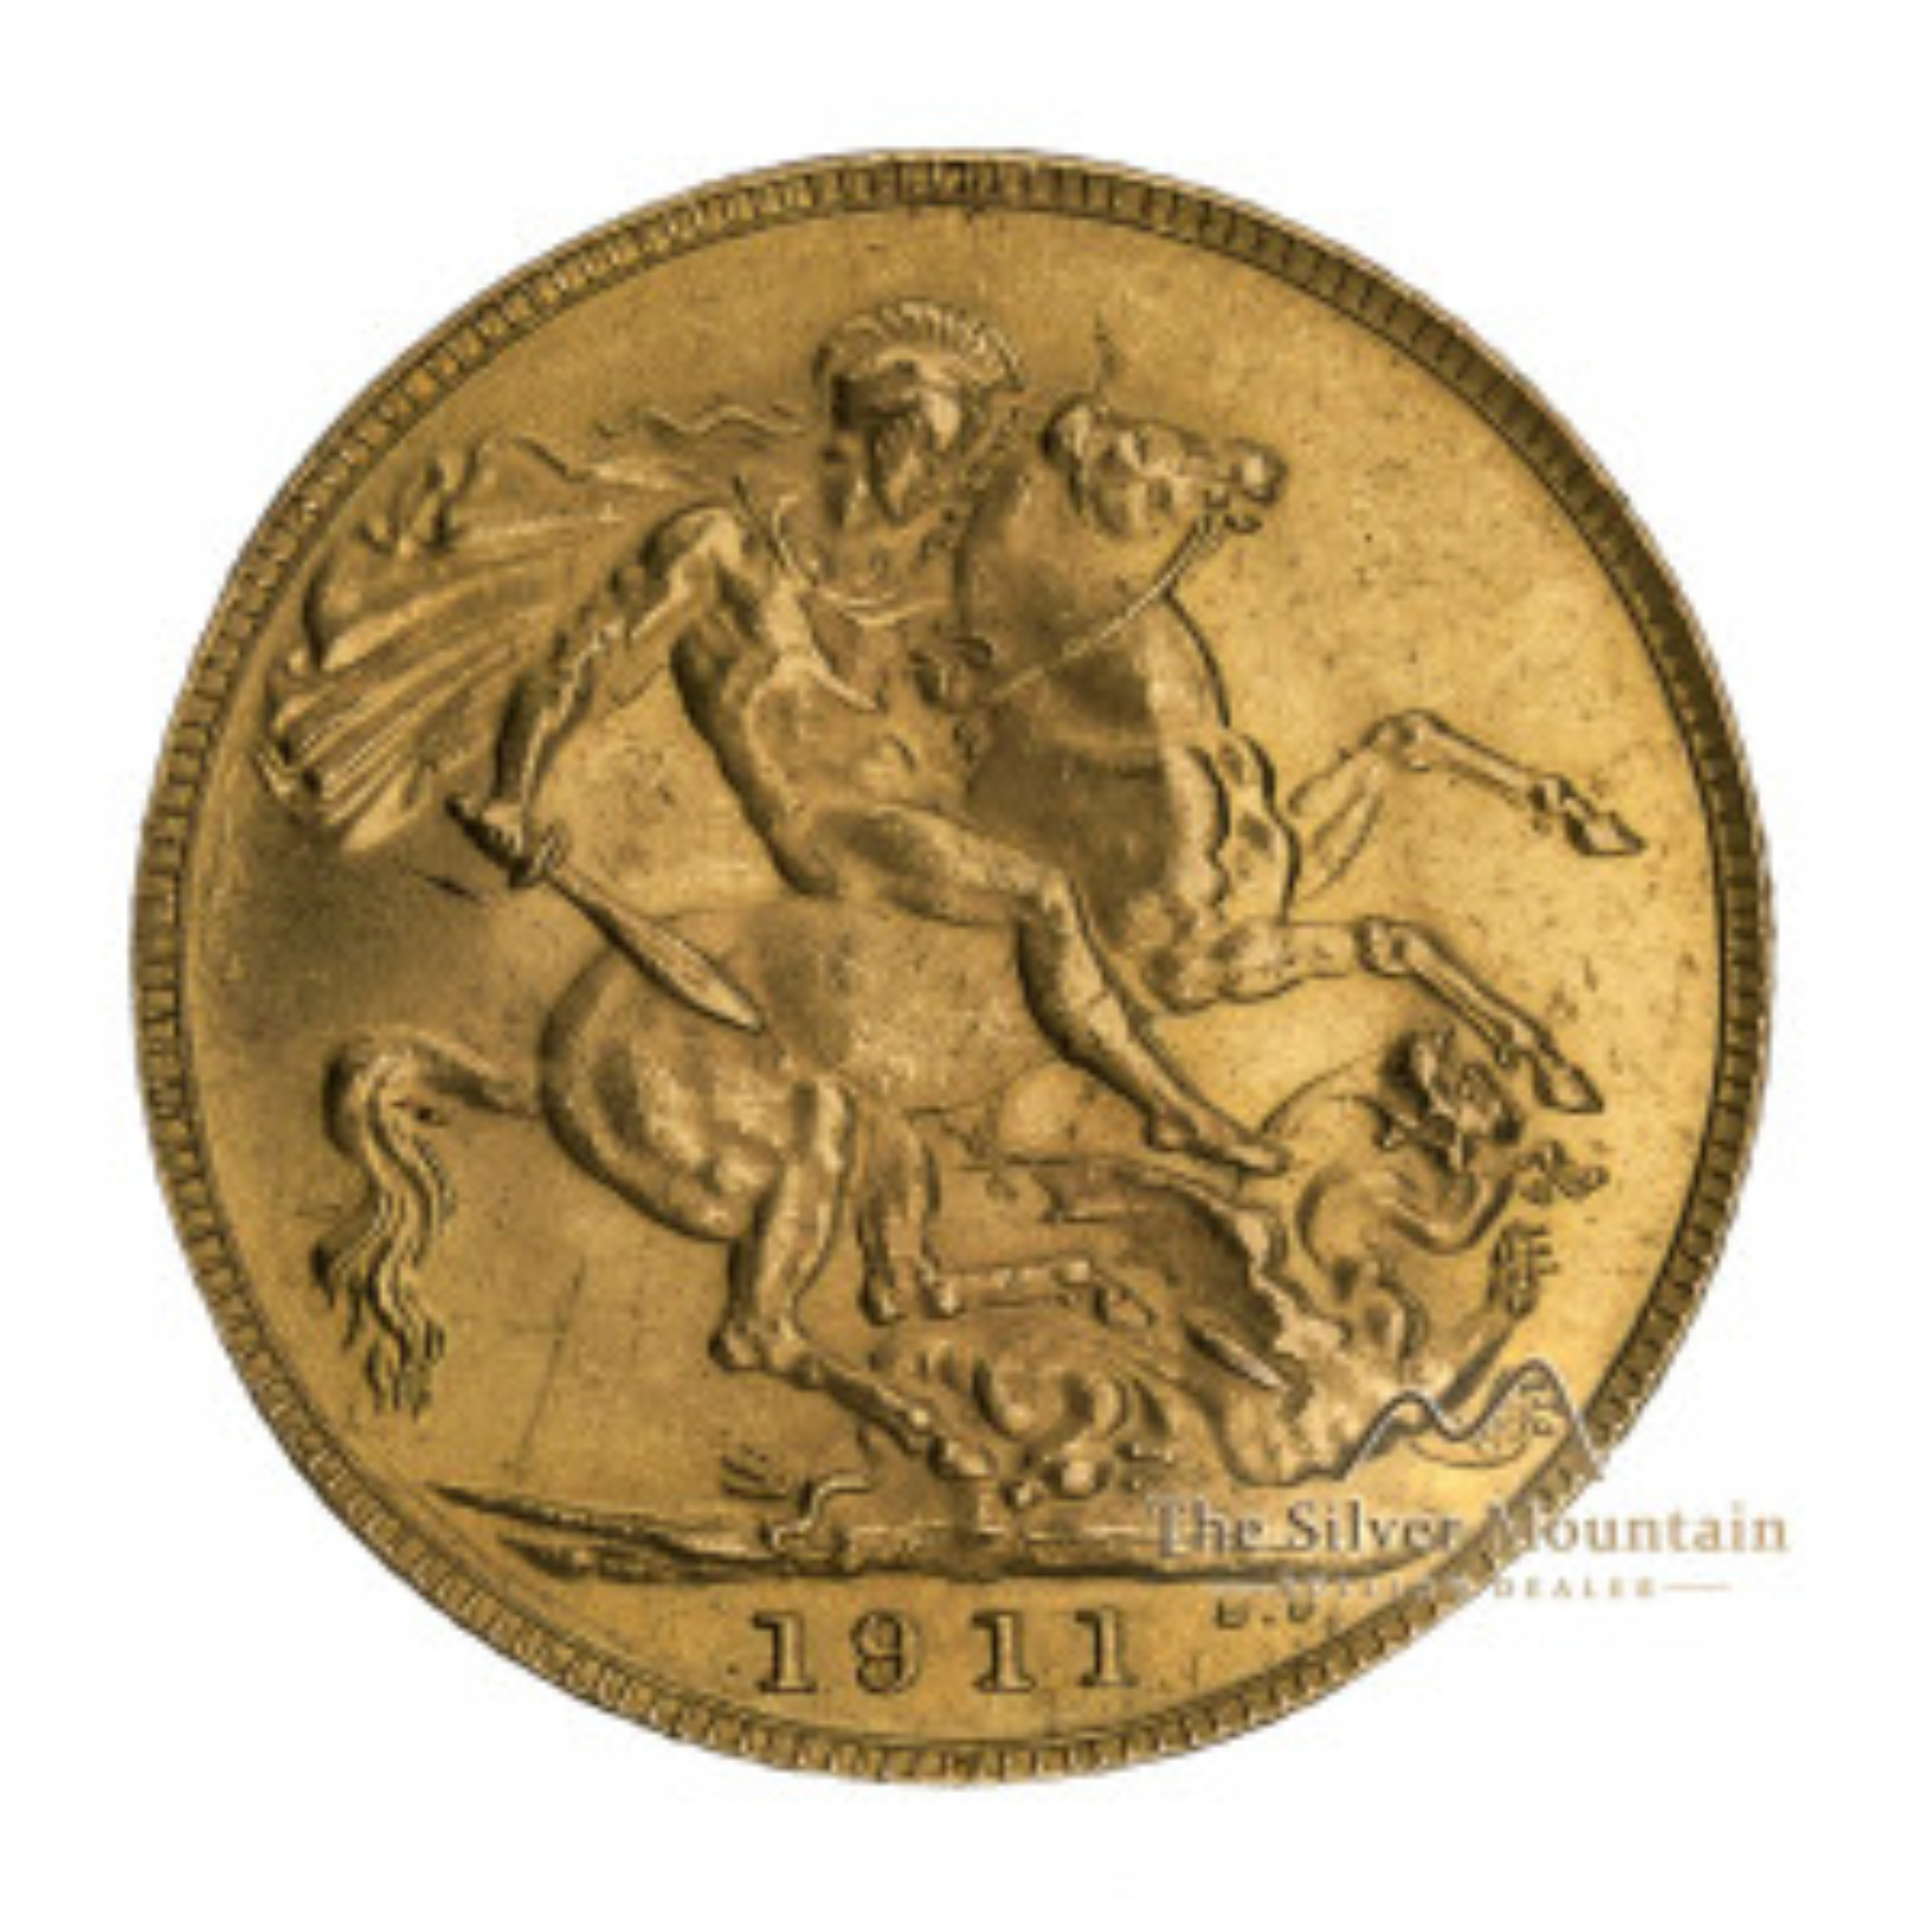 Gouden souvereign munt